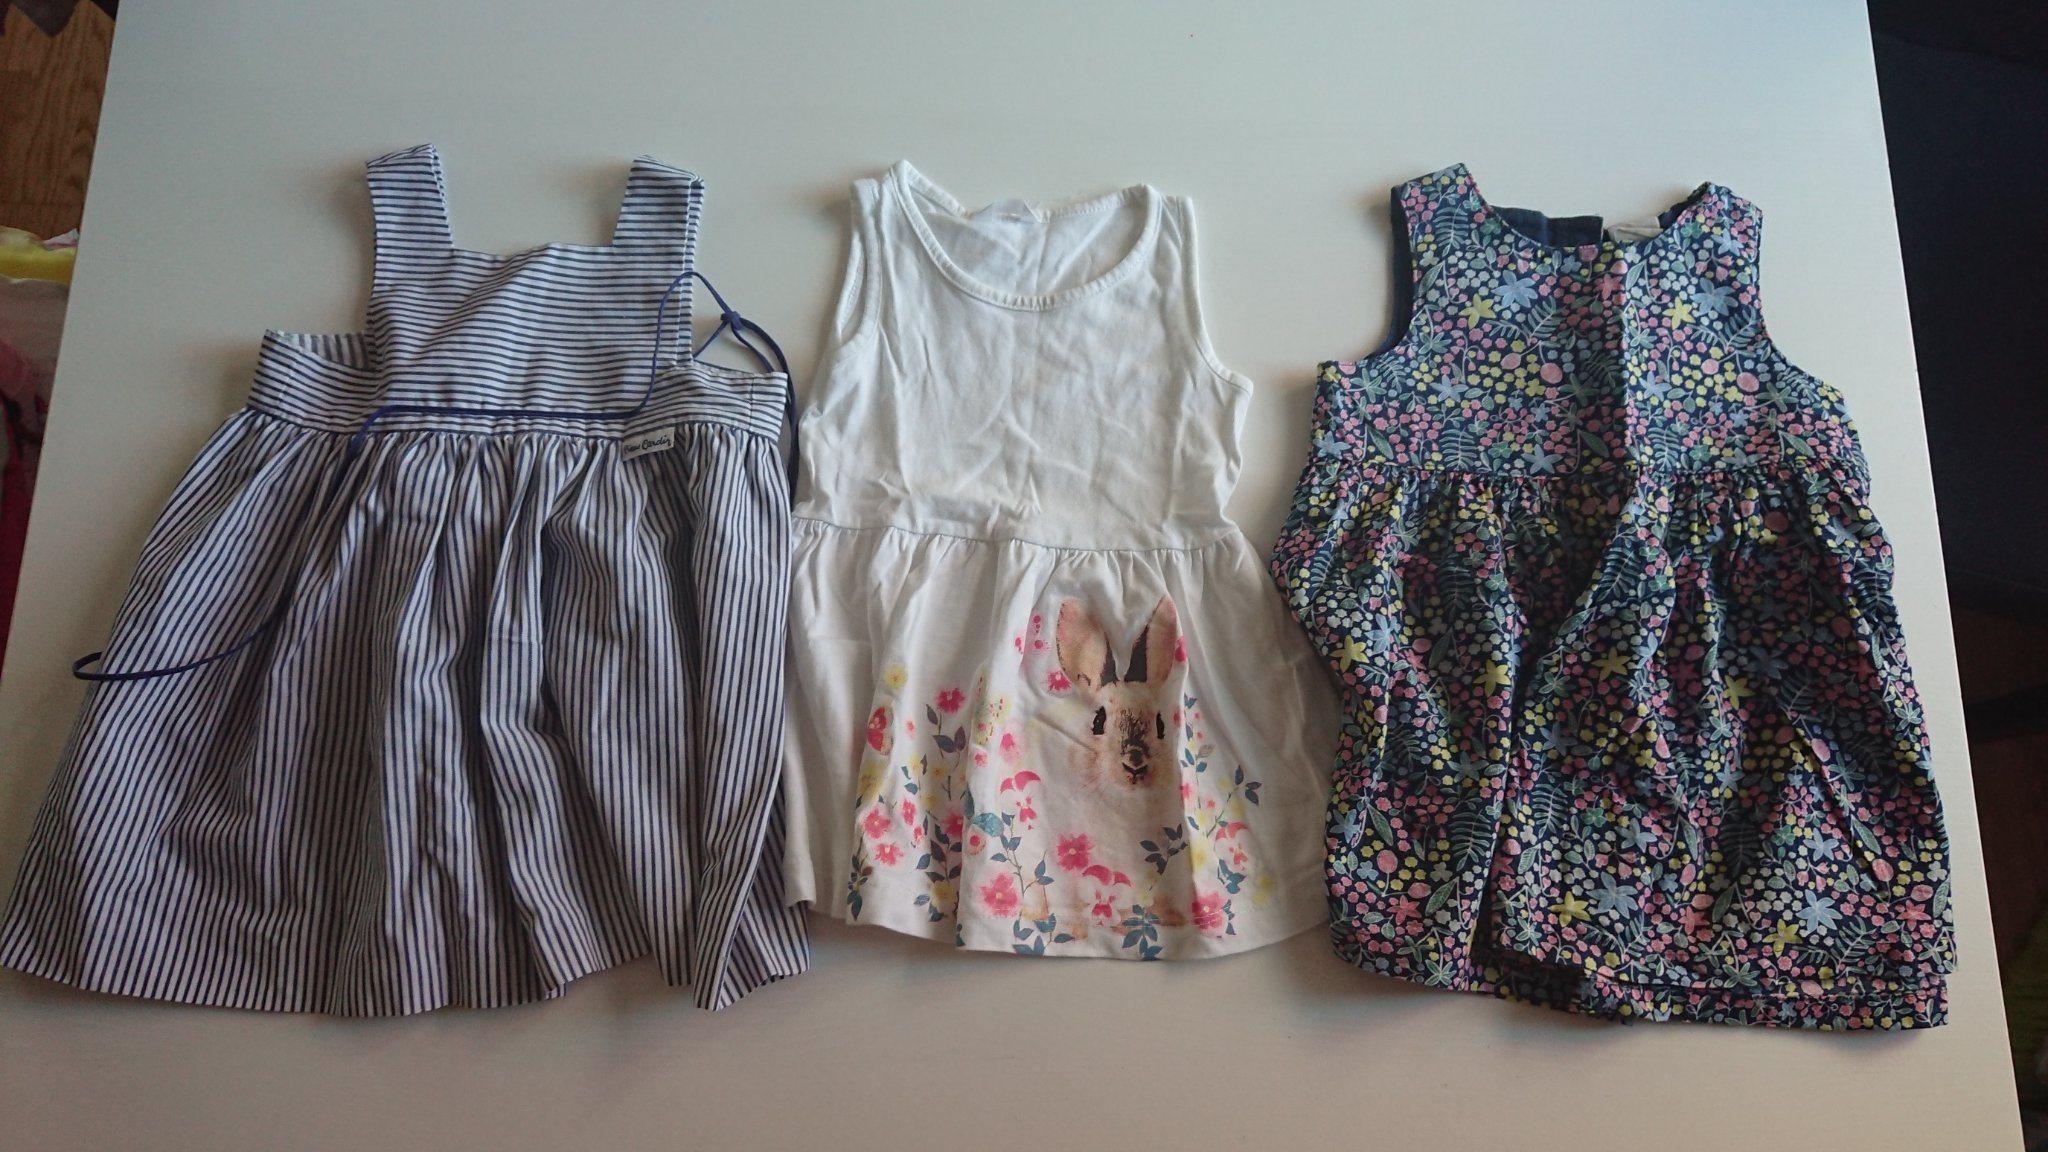 4716475b23e0 Klädpaket med 3 fina klänningar storlek 80 (341497016) ᐈ Köp på Tradera